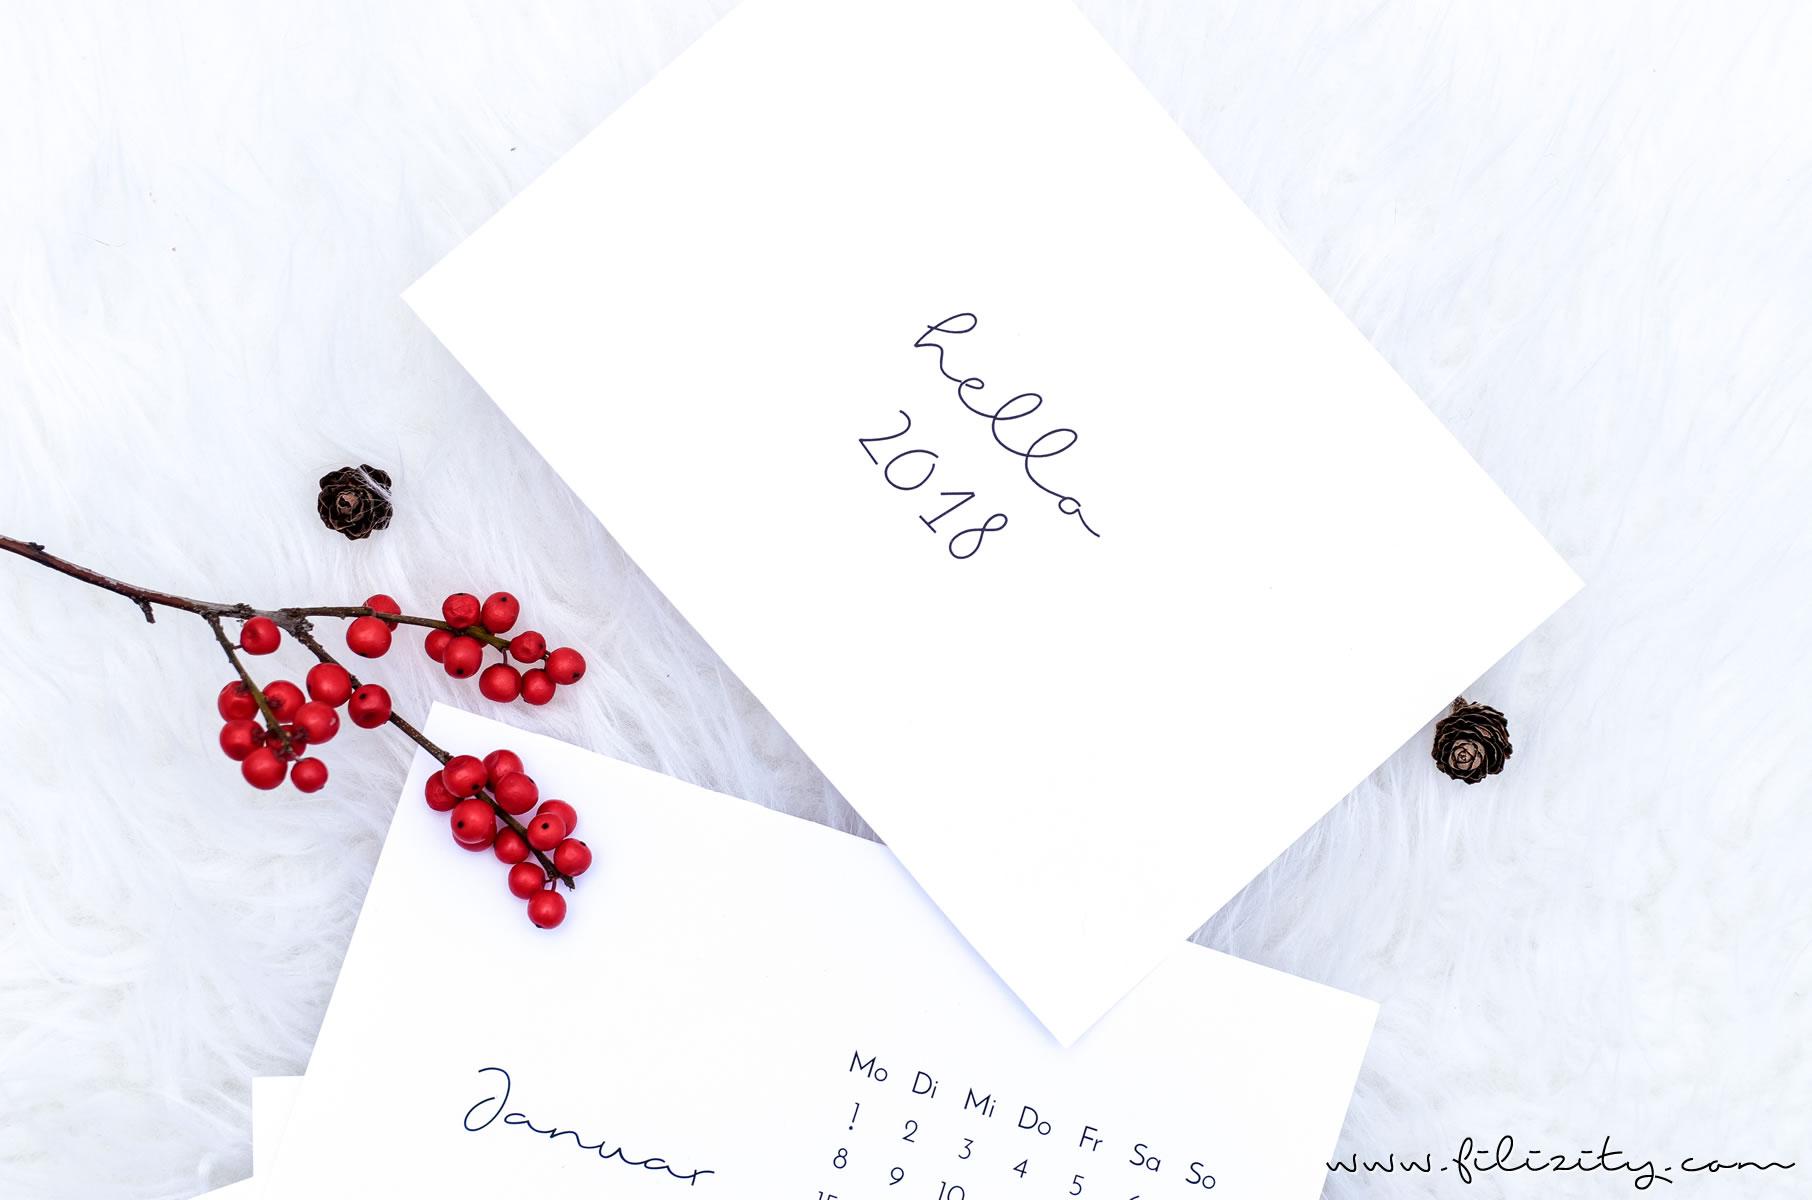 Groß Weihnachtsgeschenk Vorlage Galerie - Entry Level Resume ...